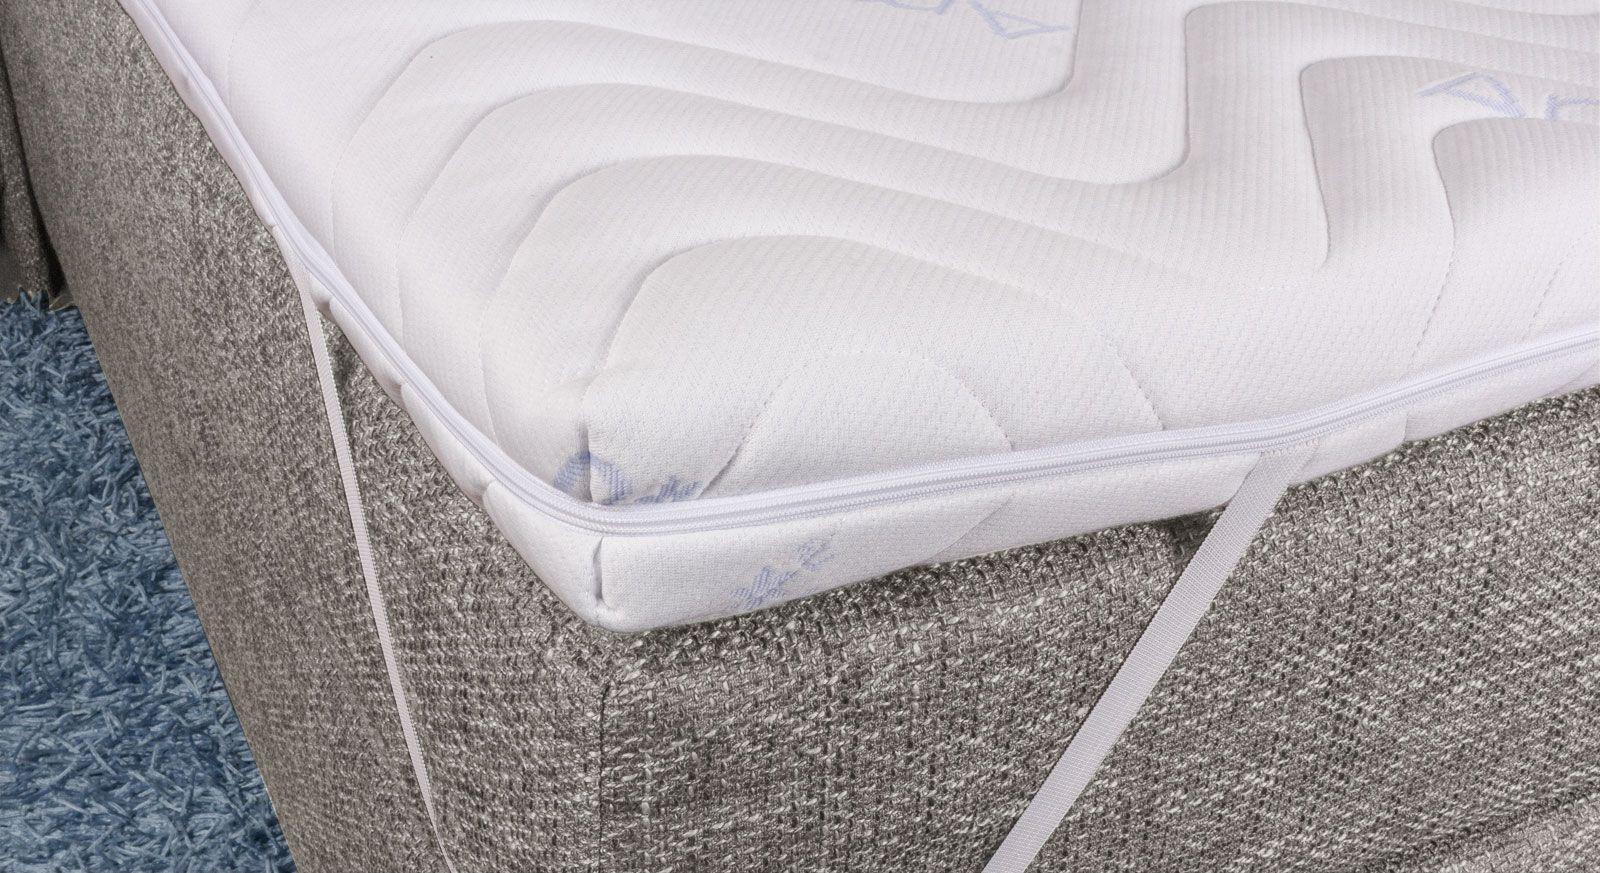 Kaltschaum Topper Weich Home In 2019 Foam Mattress